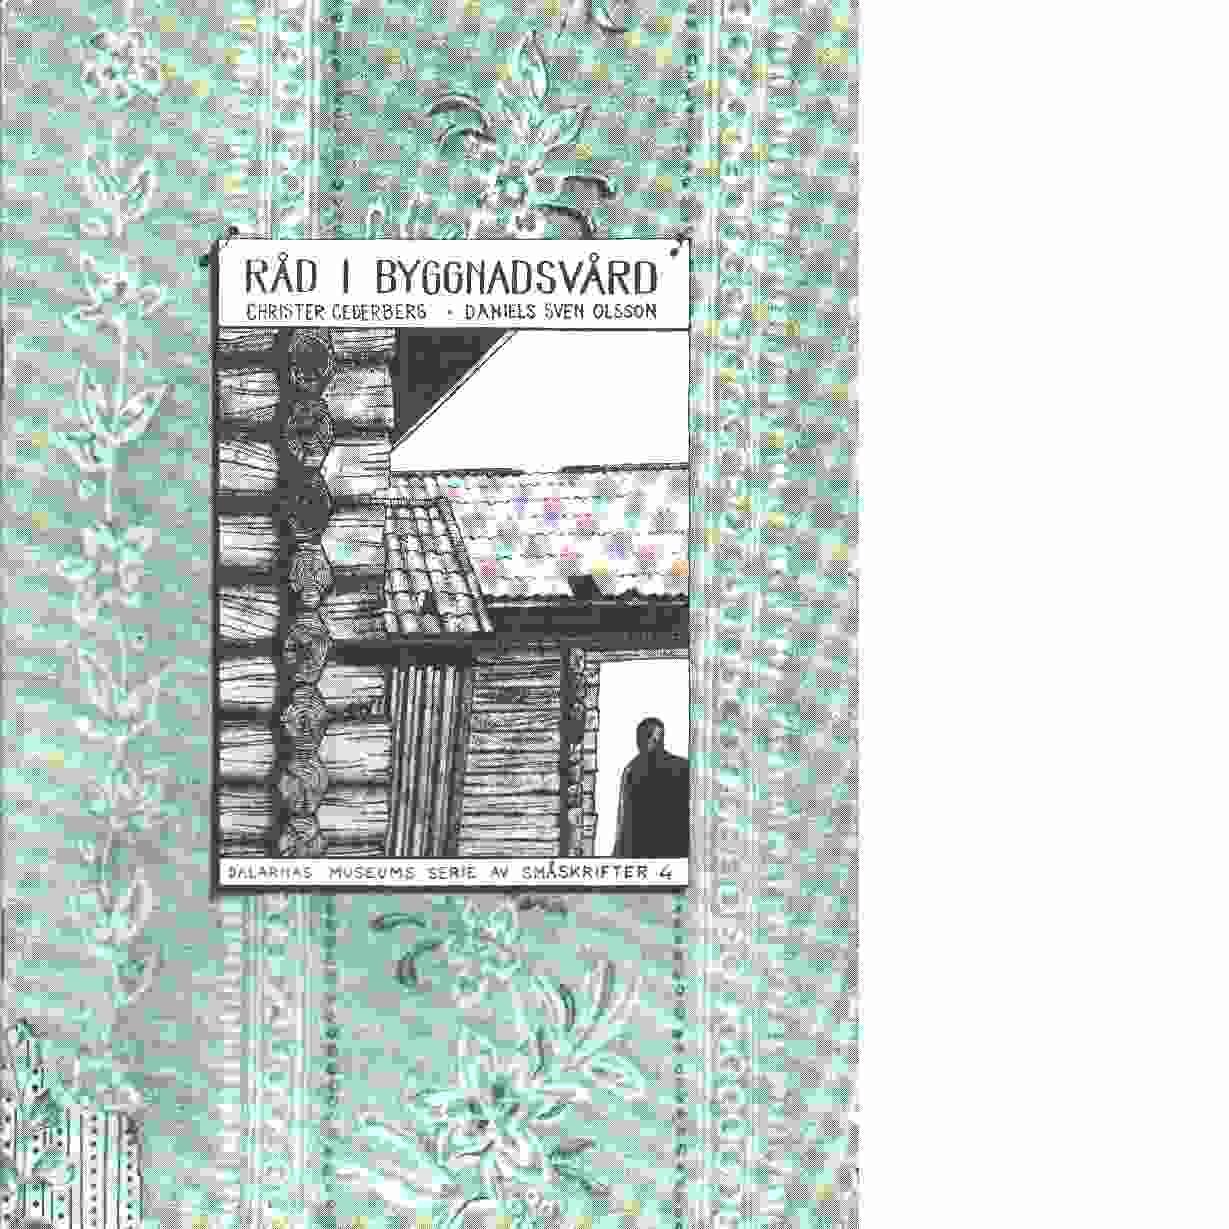 Råd i byggnadsvård - Cederberg, Christer och Olsson, Daniels Sven